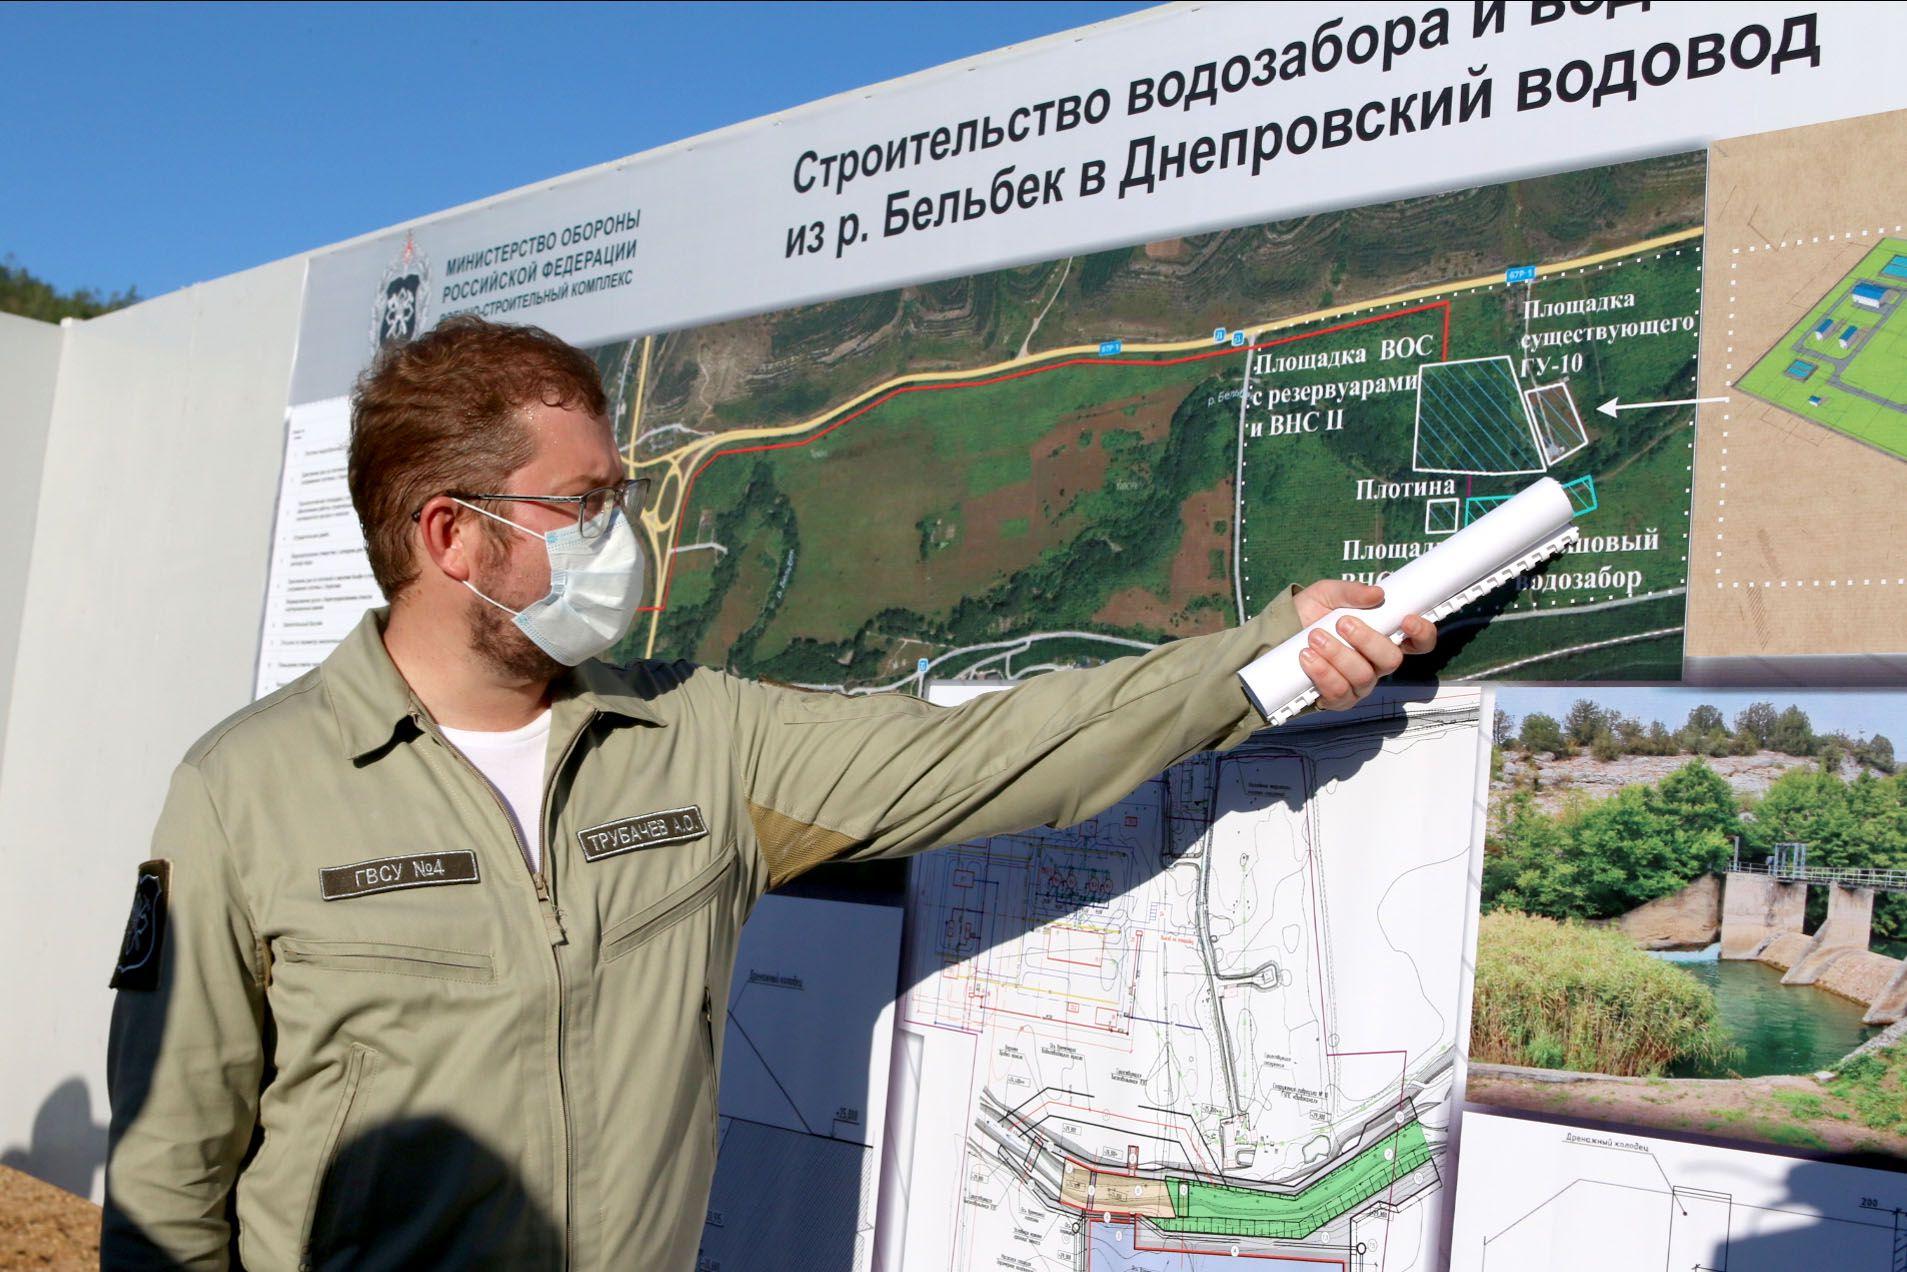 Стали известны сроки окончания строительства водозабора на реке Бельбек